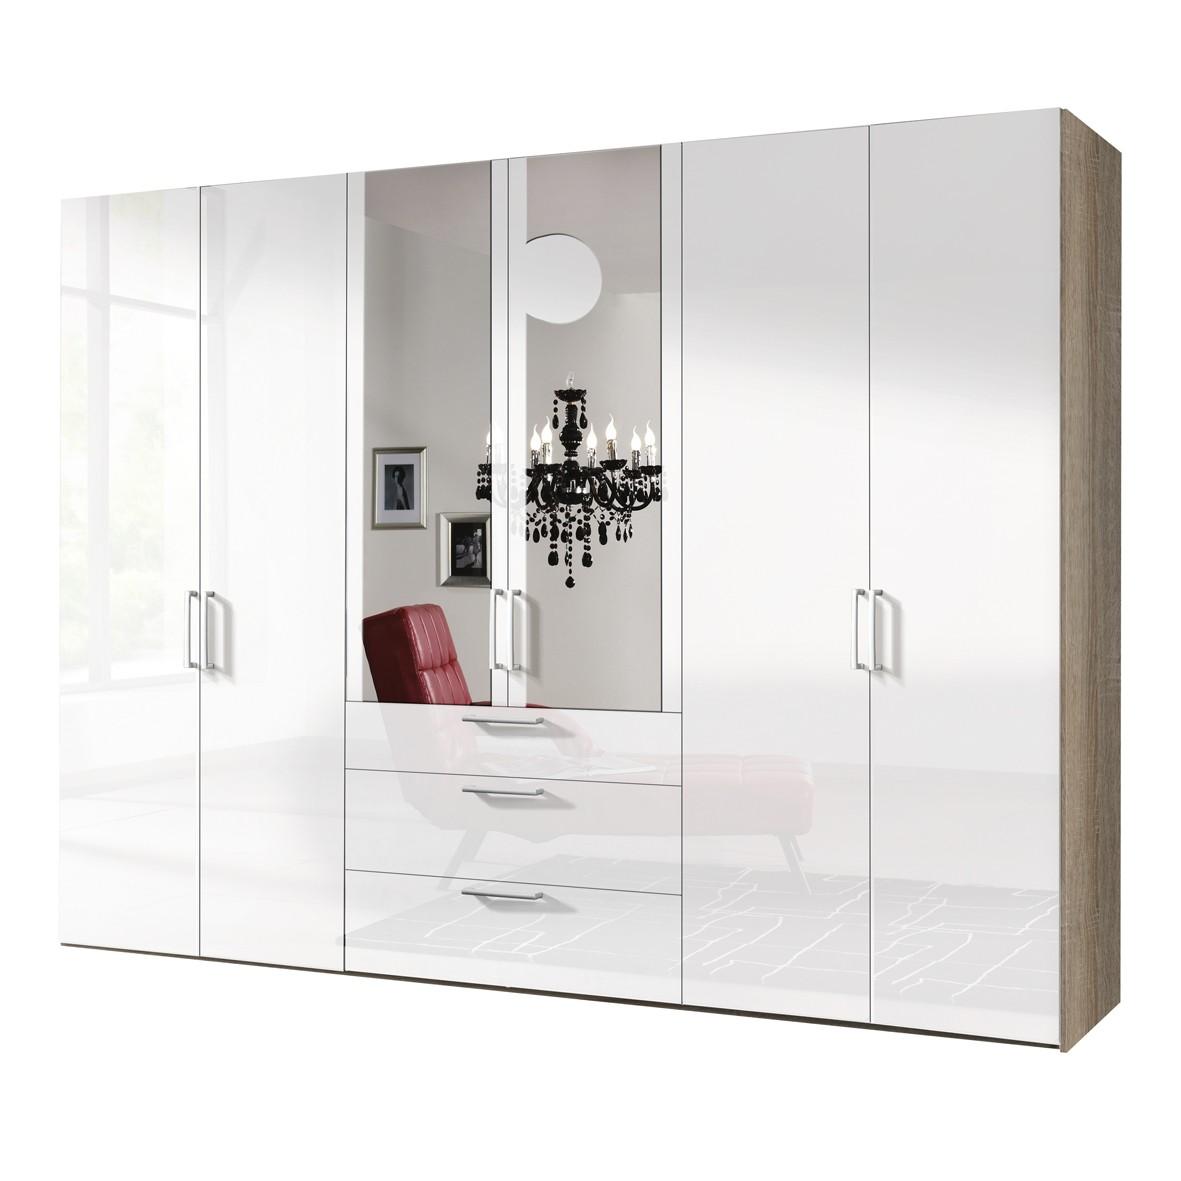 mit schubladen und spiegel gallery of tsideen spiegel schuhkipper mit schublade holz wei btzgq. Black Bedroom Furniture Sets. Home Design Ideas